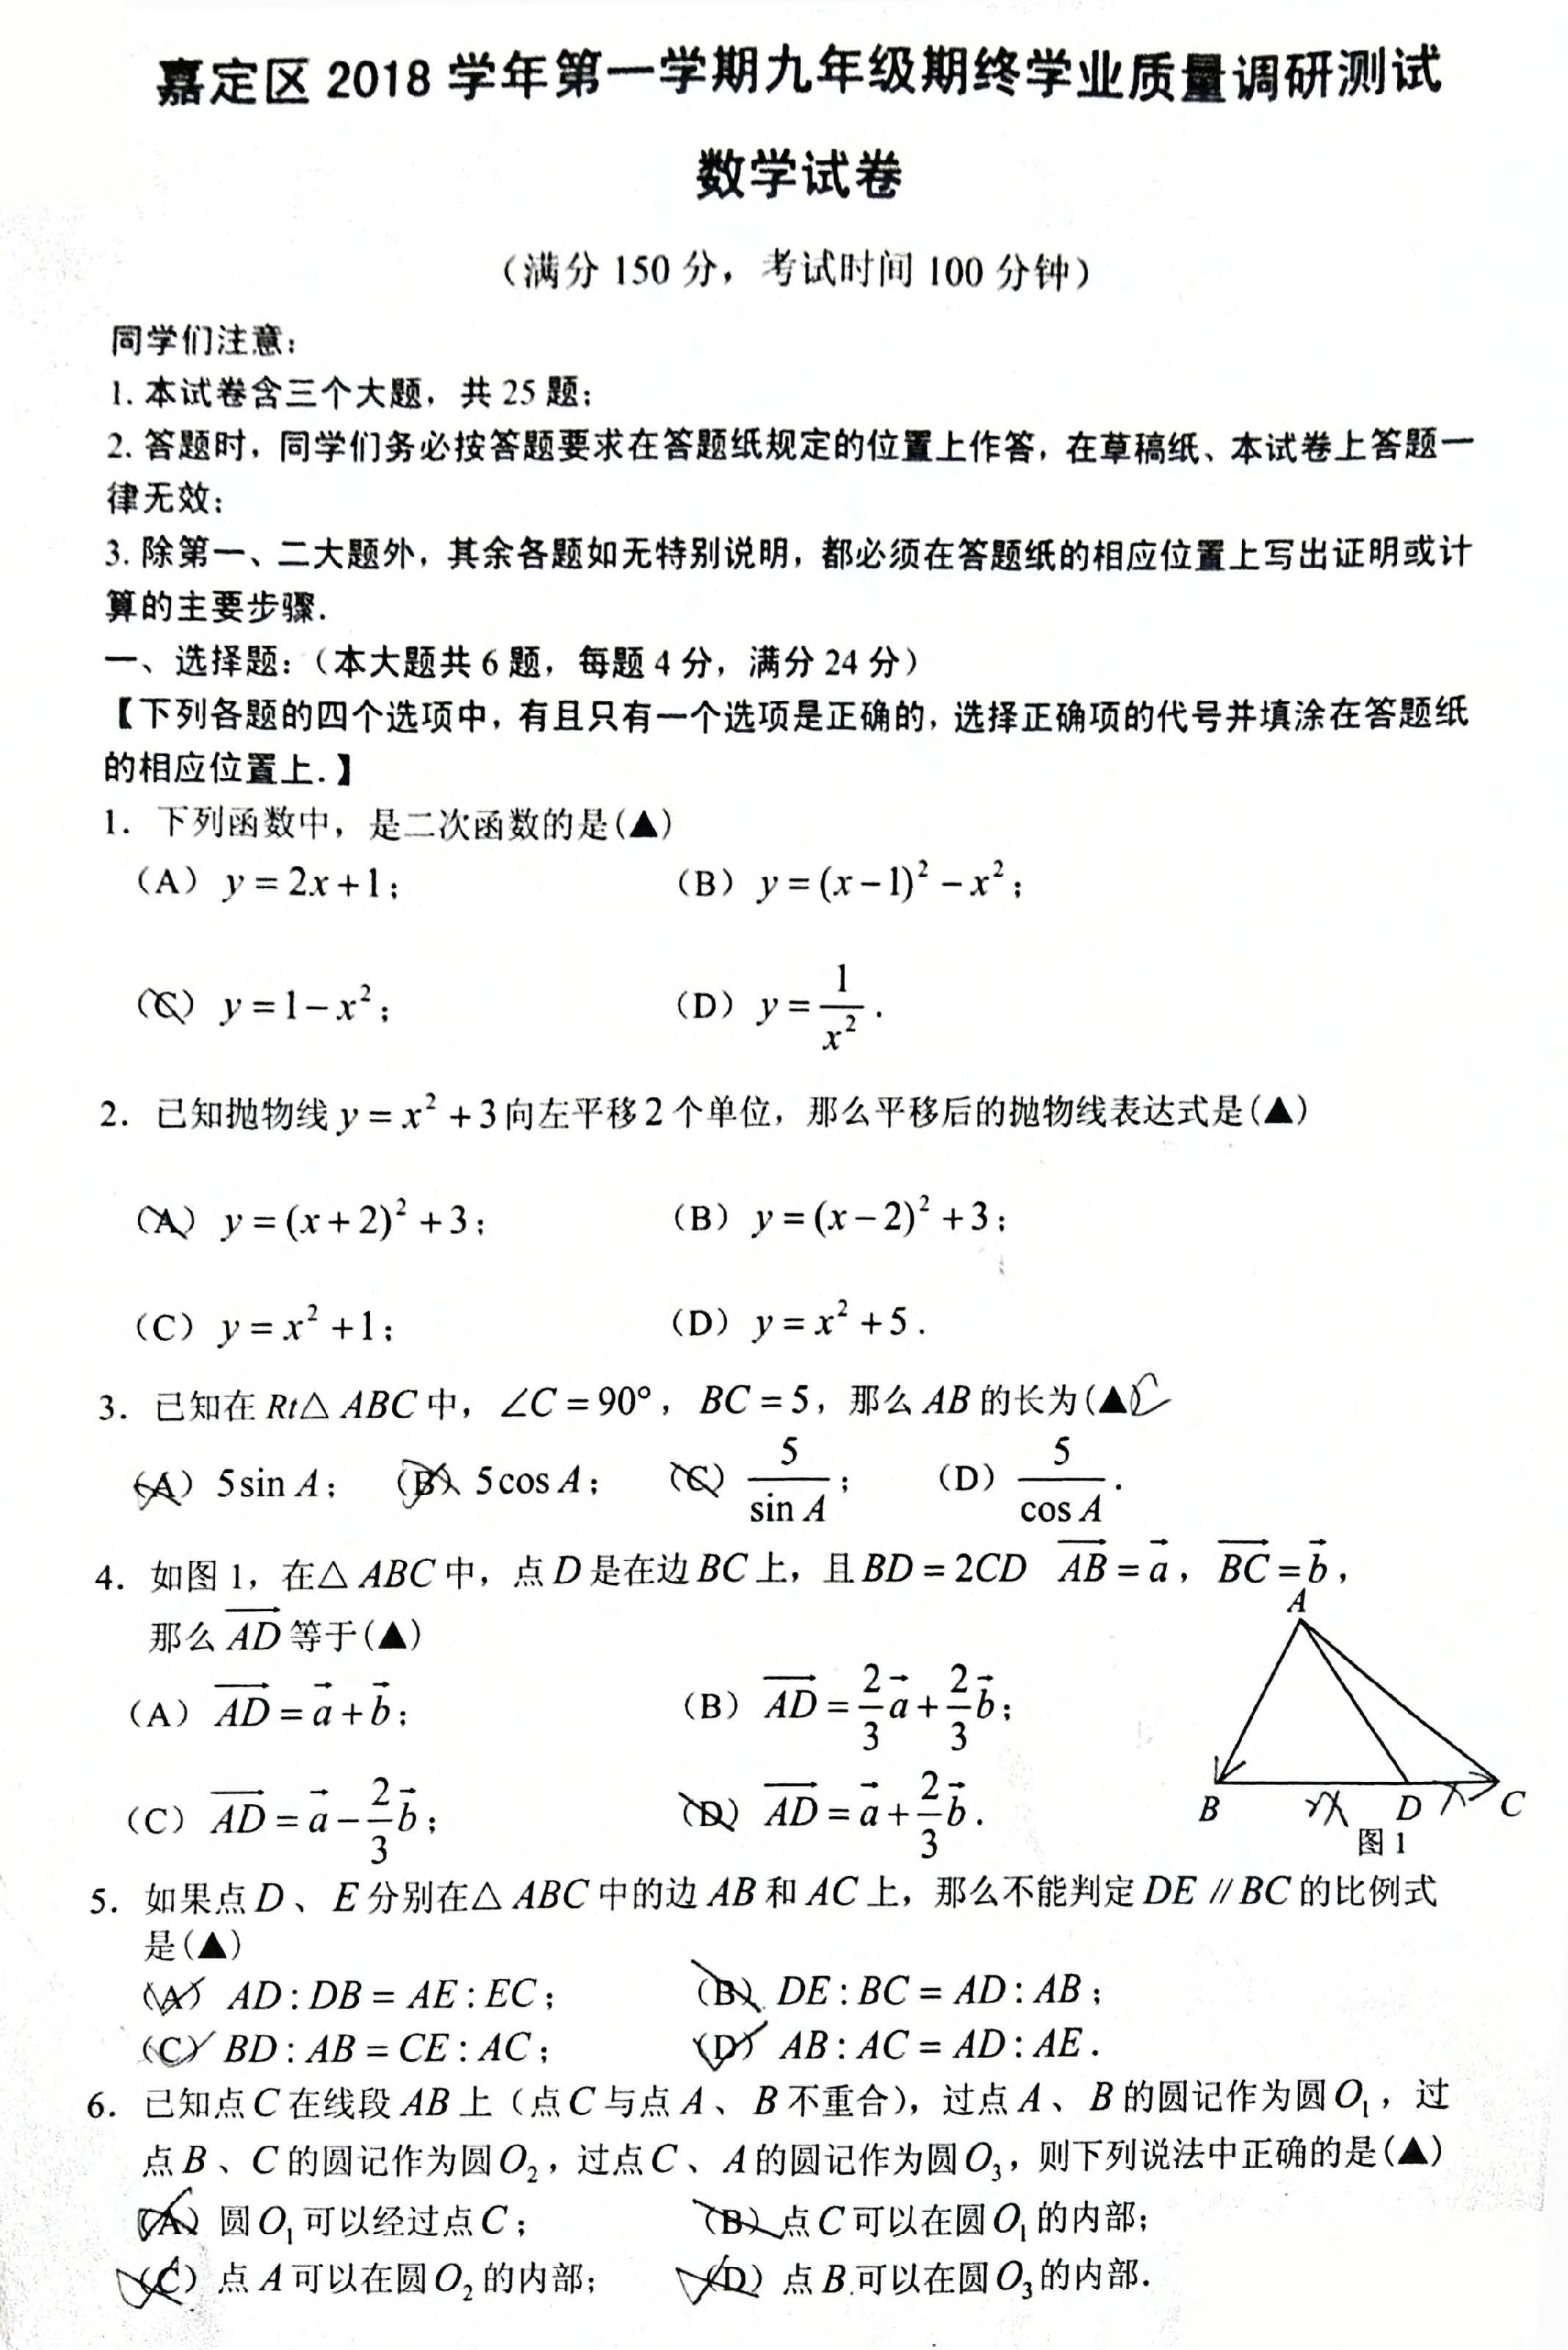 2019上海嘉定中考一模数学试题及答案